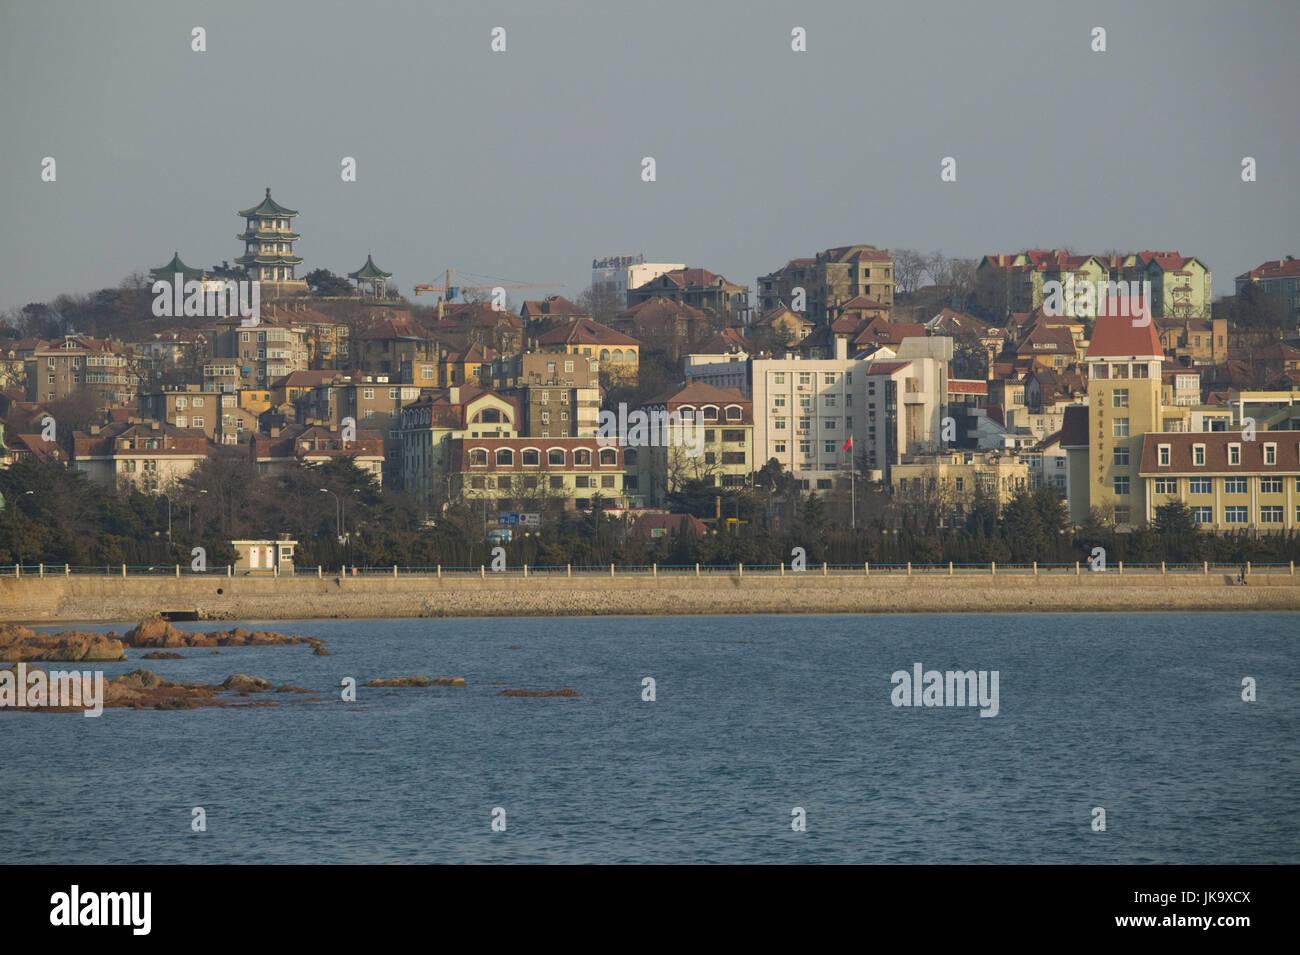 China, Qingdao, Altstadt, Hafen,  Abendlicht,   Asien, Ostasien, Stadtansicht, Küste, Häuser, Gebäude, - Stock Image